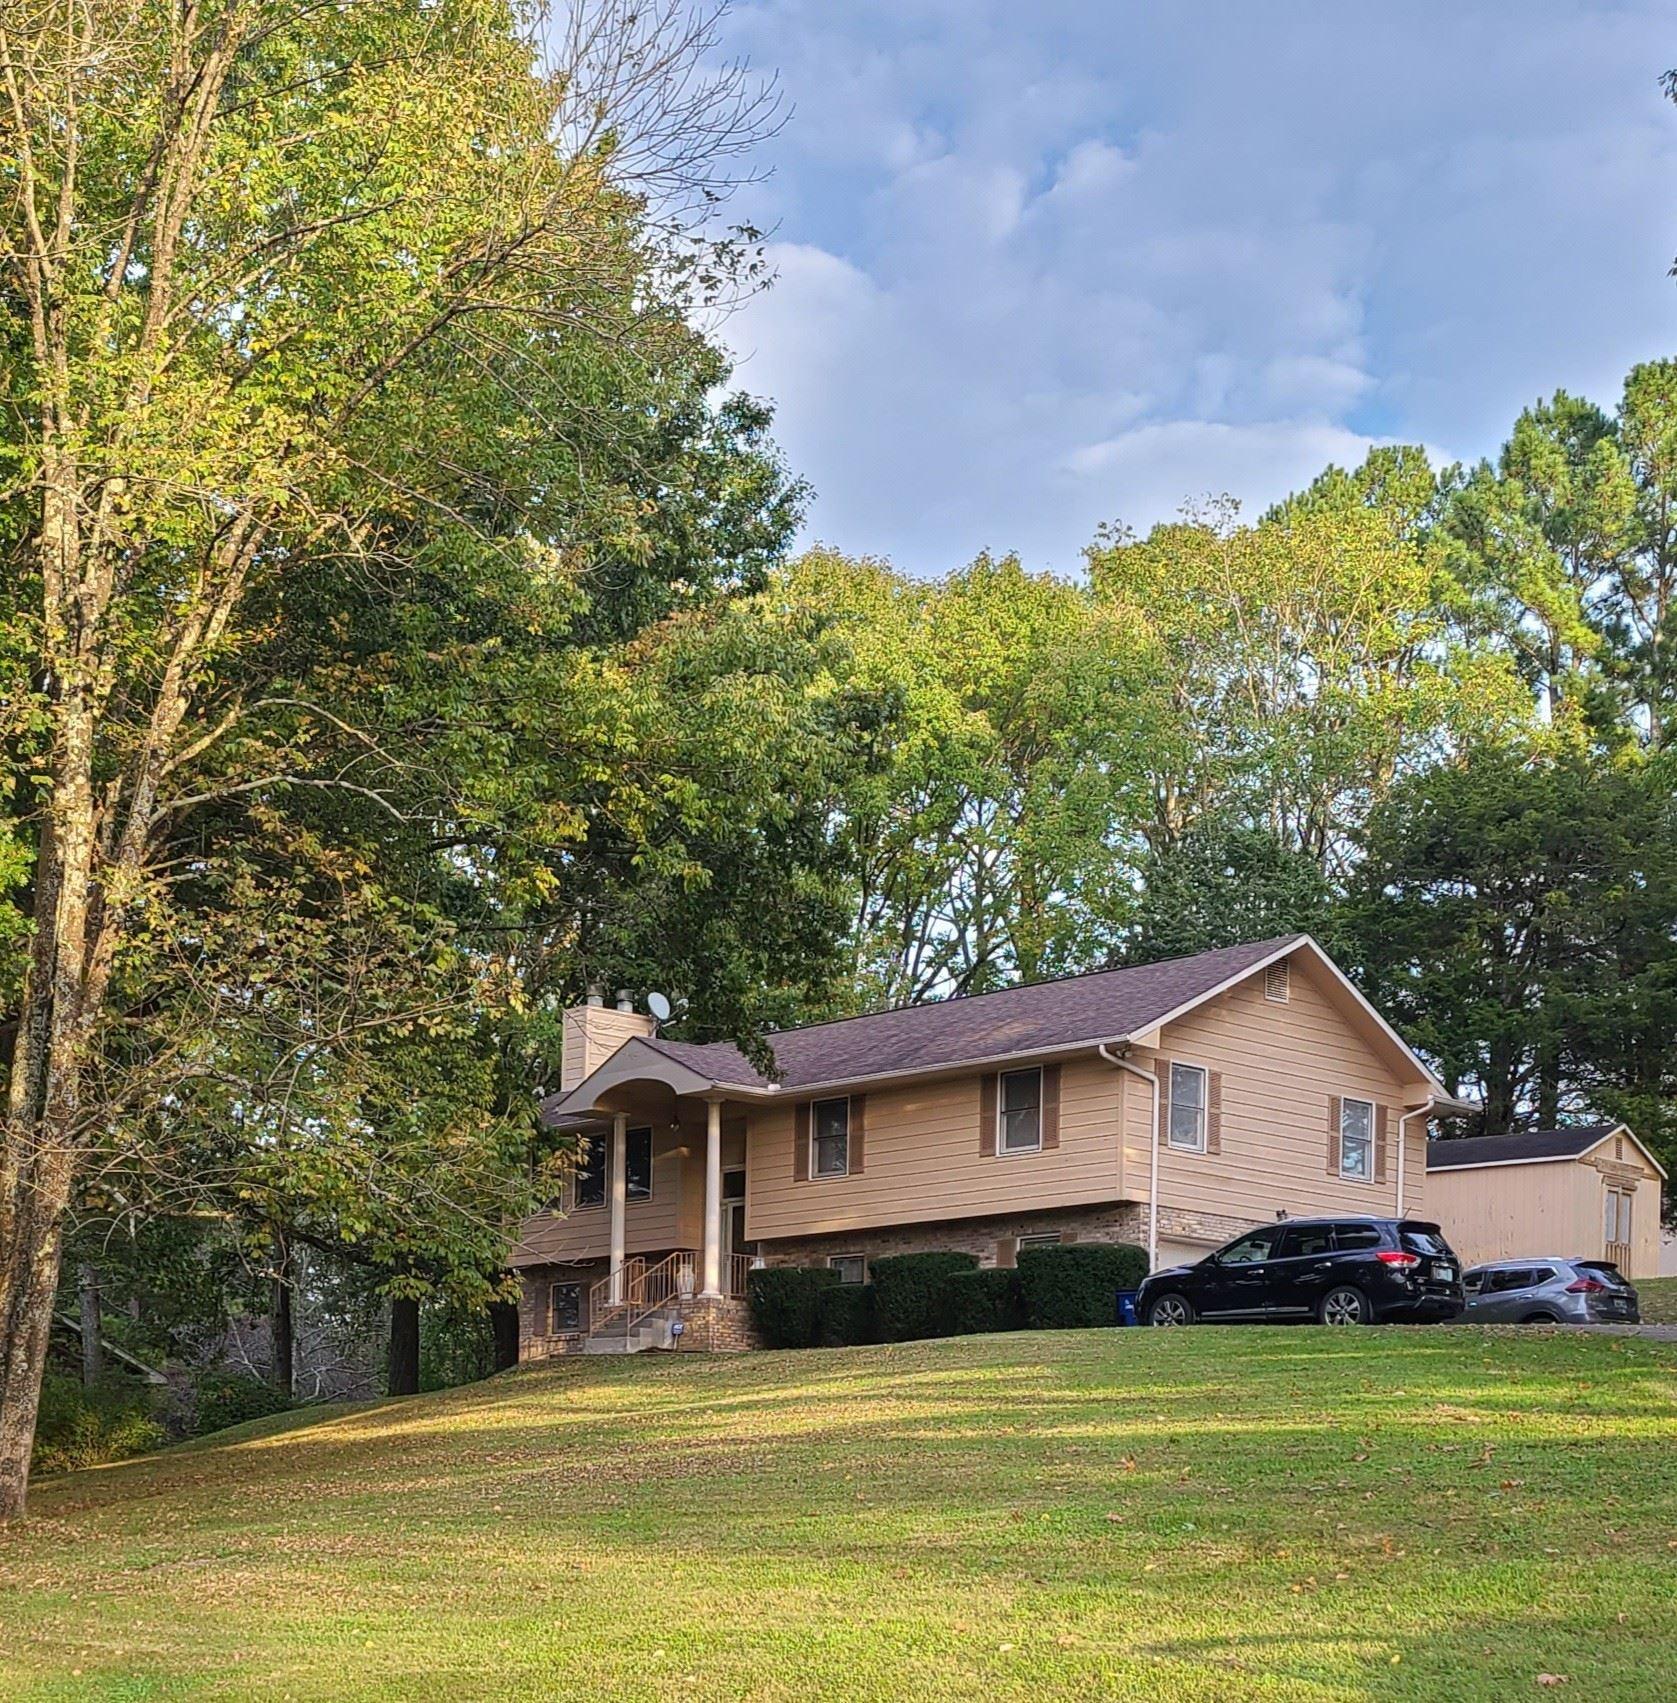 112 Dora Dr, Goodlettsville, TN 37072 - MLS#: 2301899